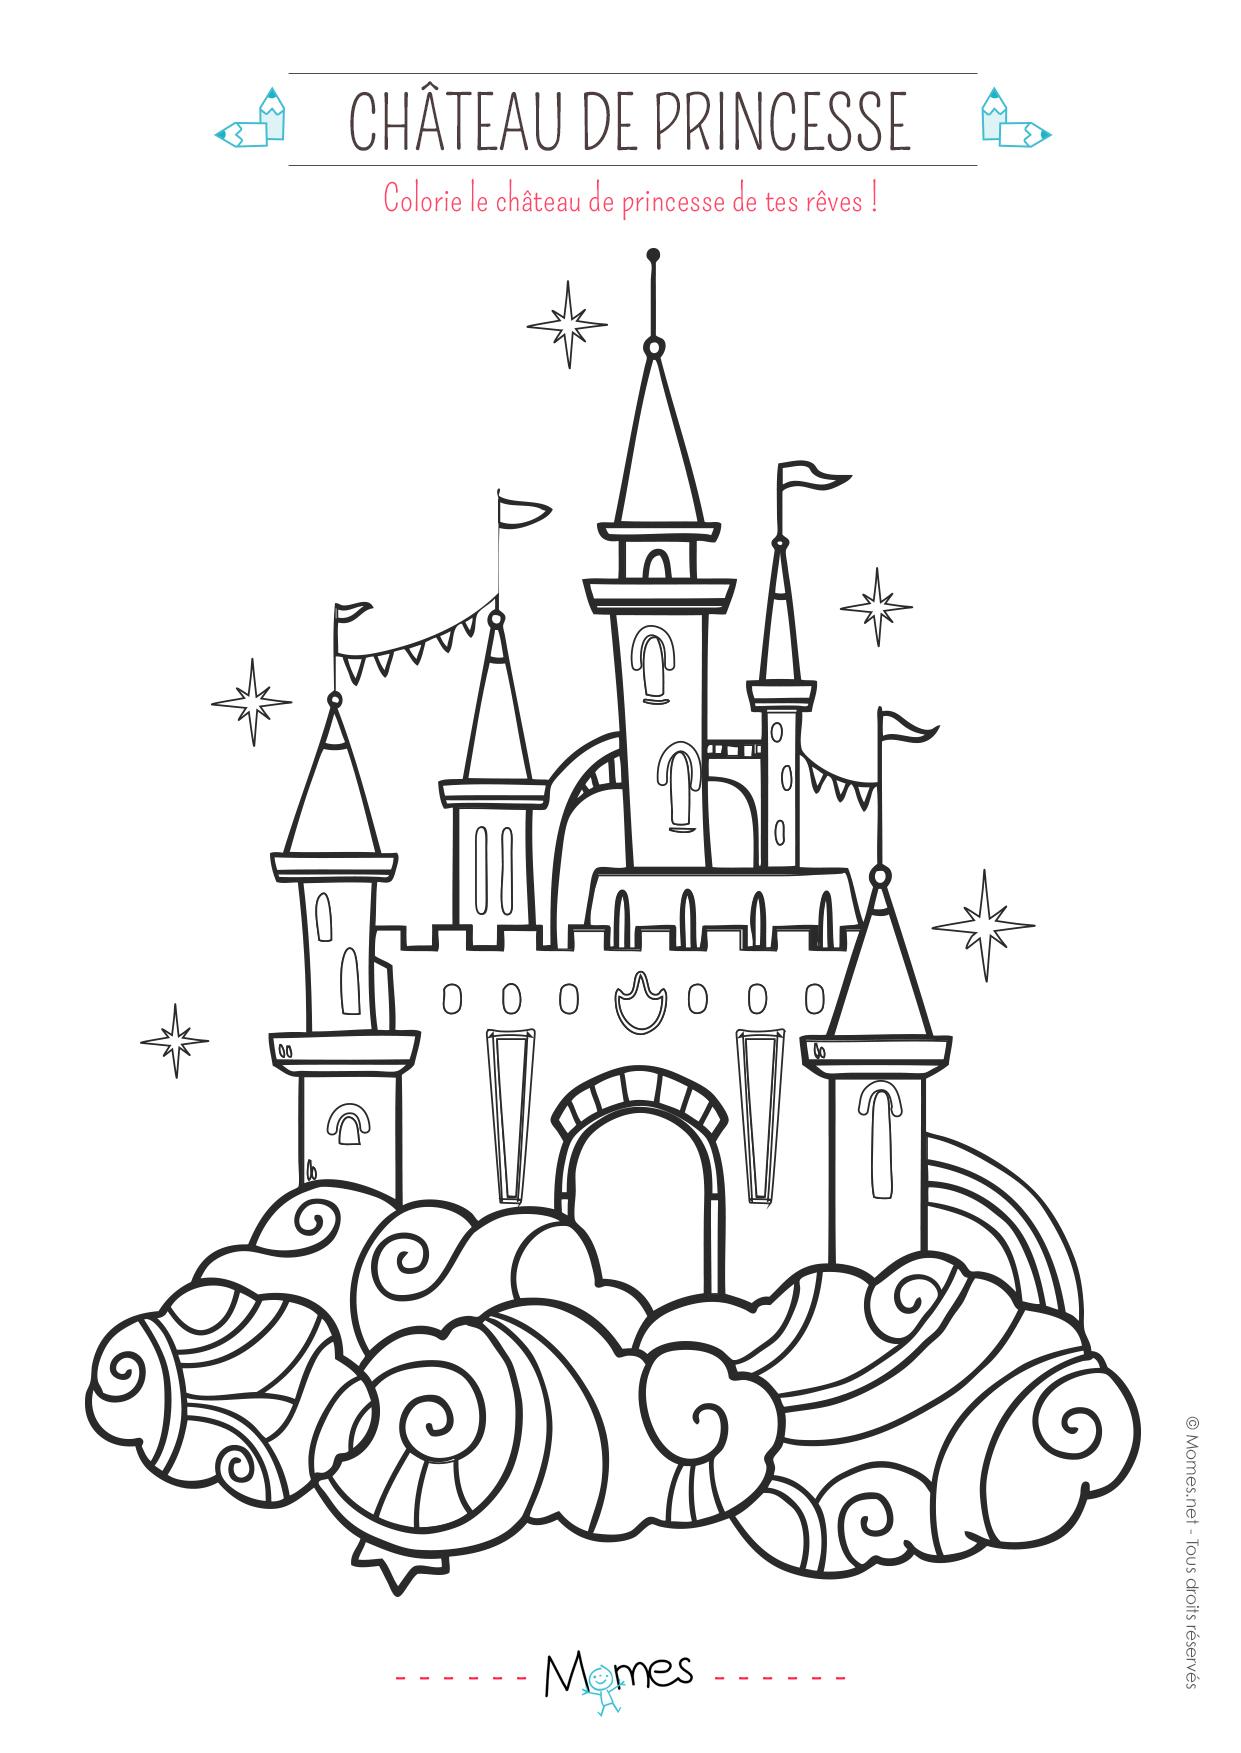 Coloriage Dun Chateau De Princesse.Coloriage Le Chateau De Princesse Momes Net